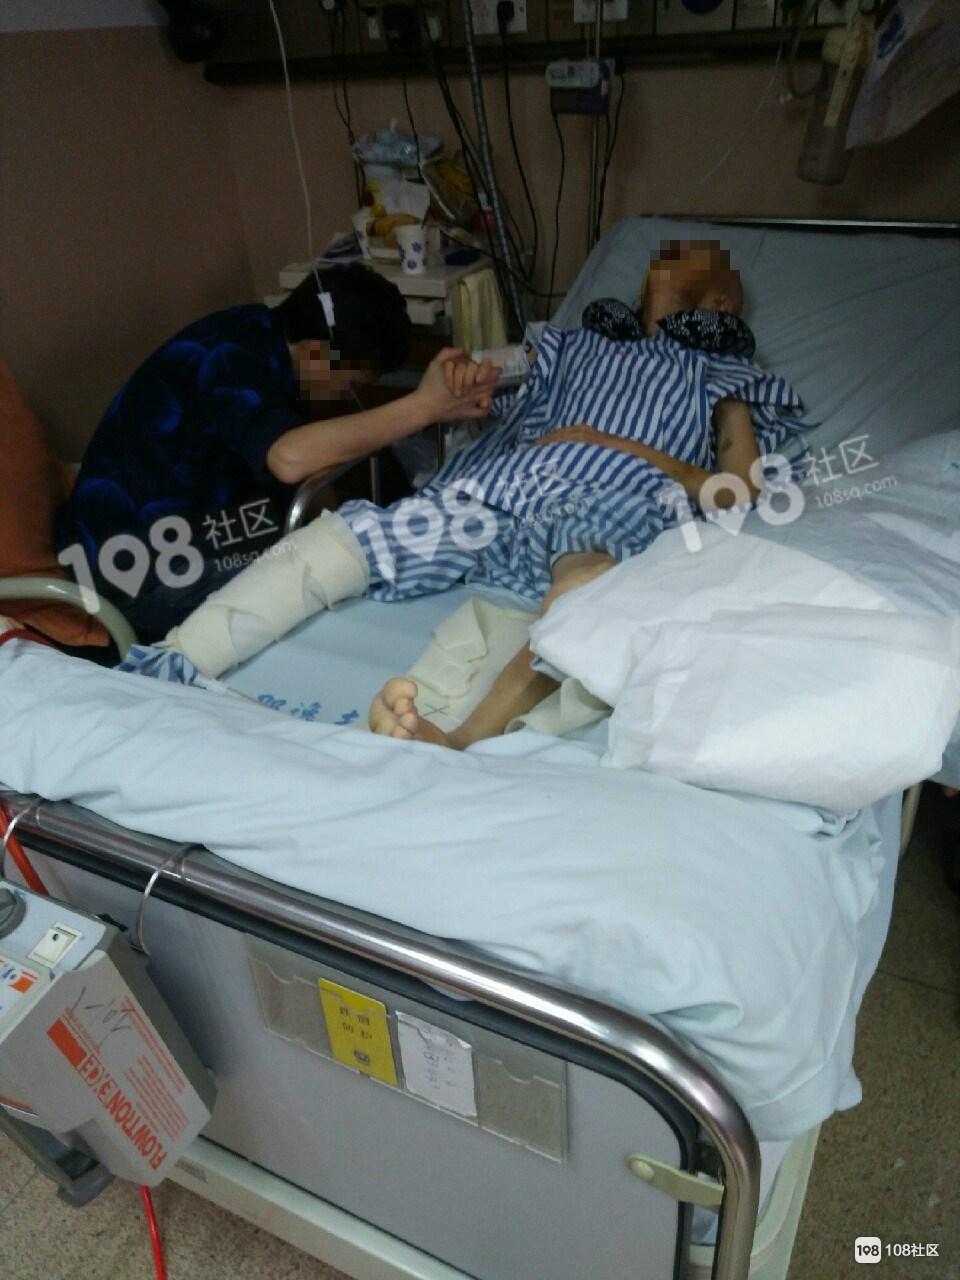 老妈生病住院,护工晚上为了睡觉竟把老人手脚绑起来